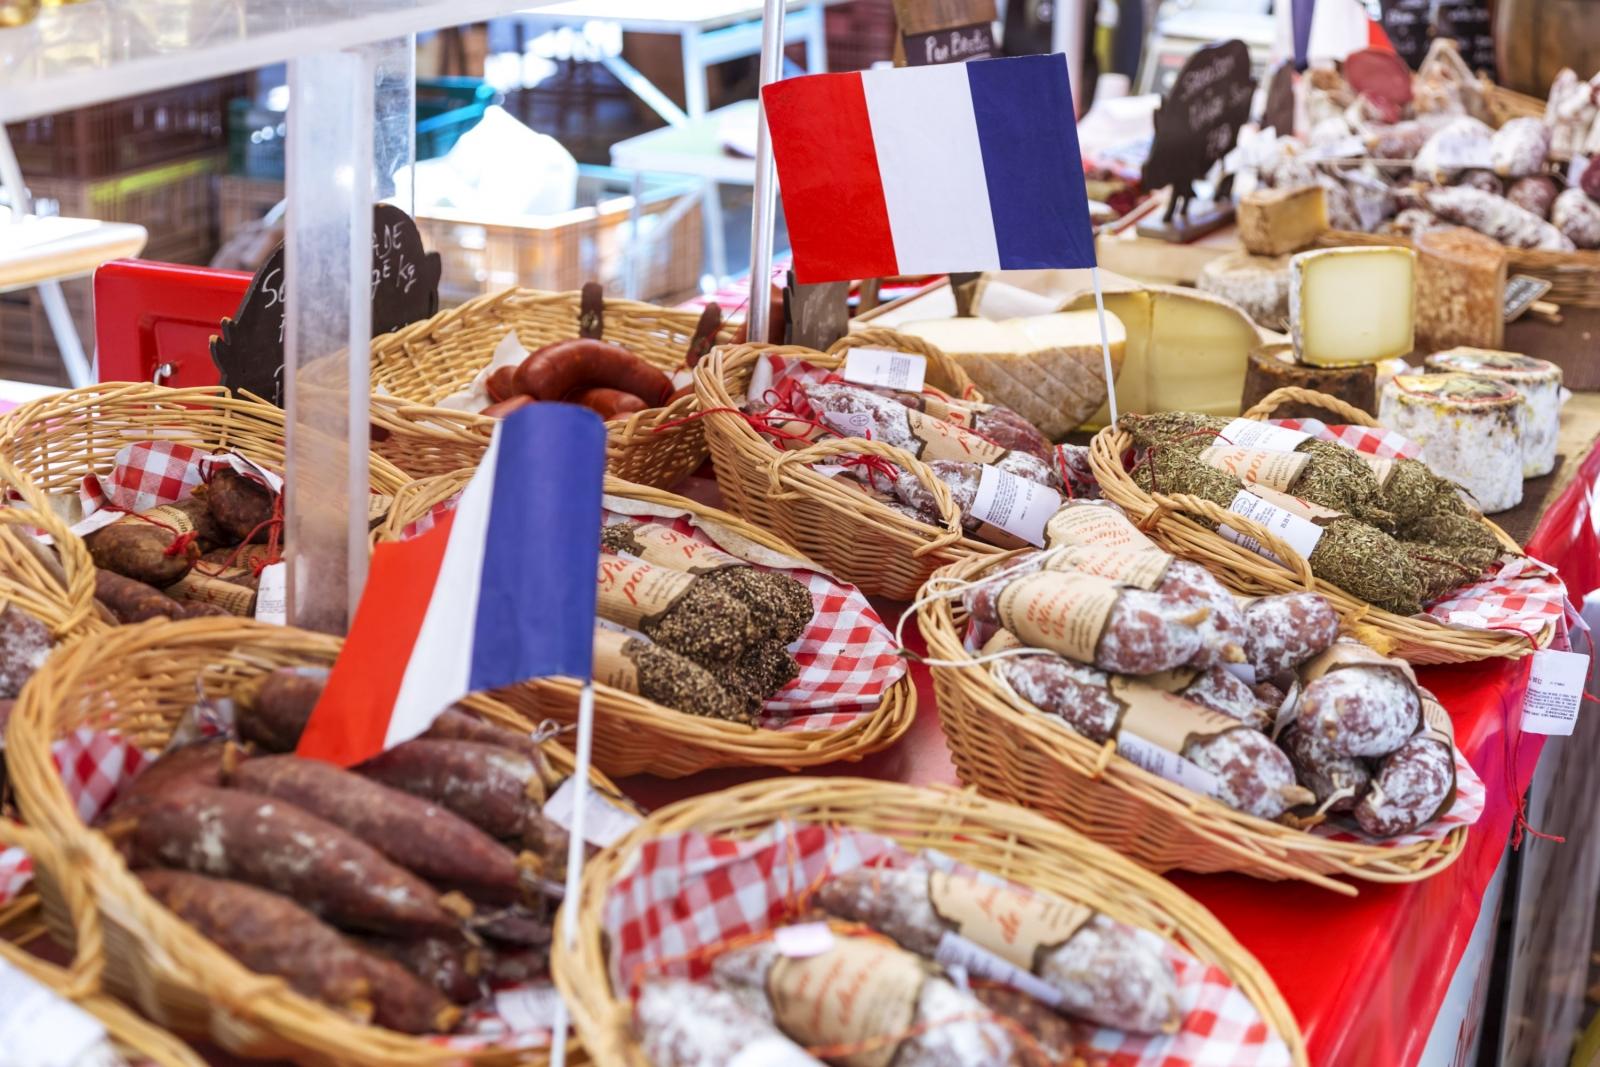 Comida francesa: ¿Ruta improvisada o Guía planificada?